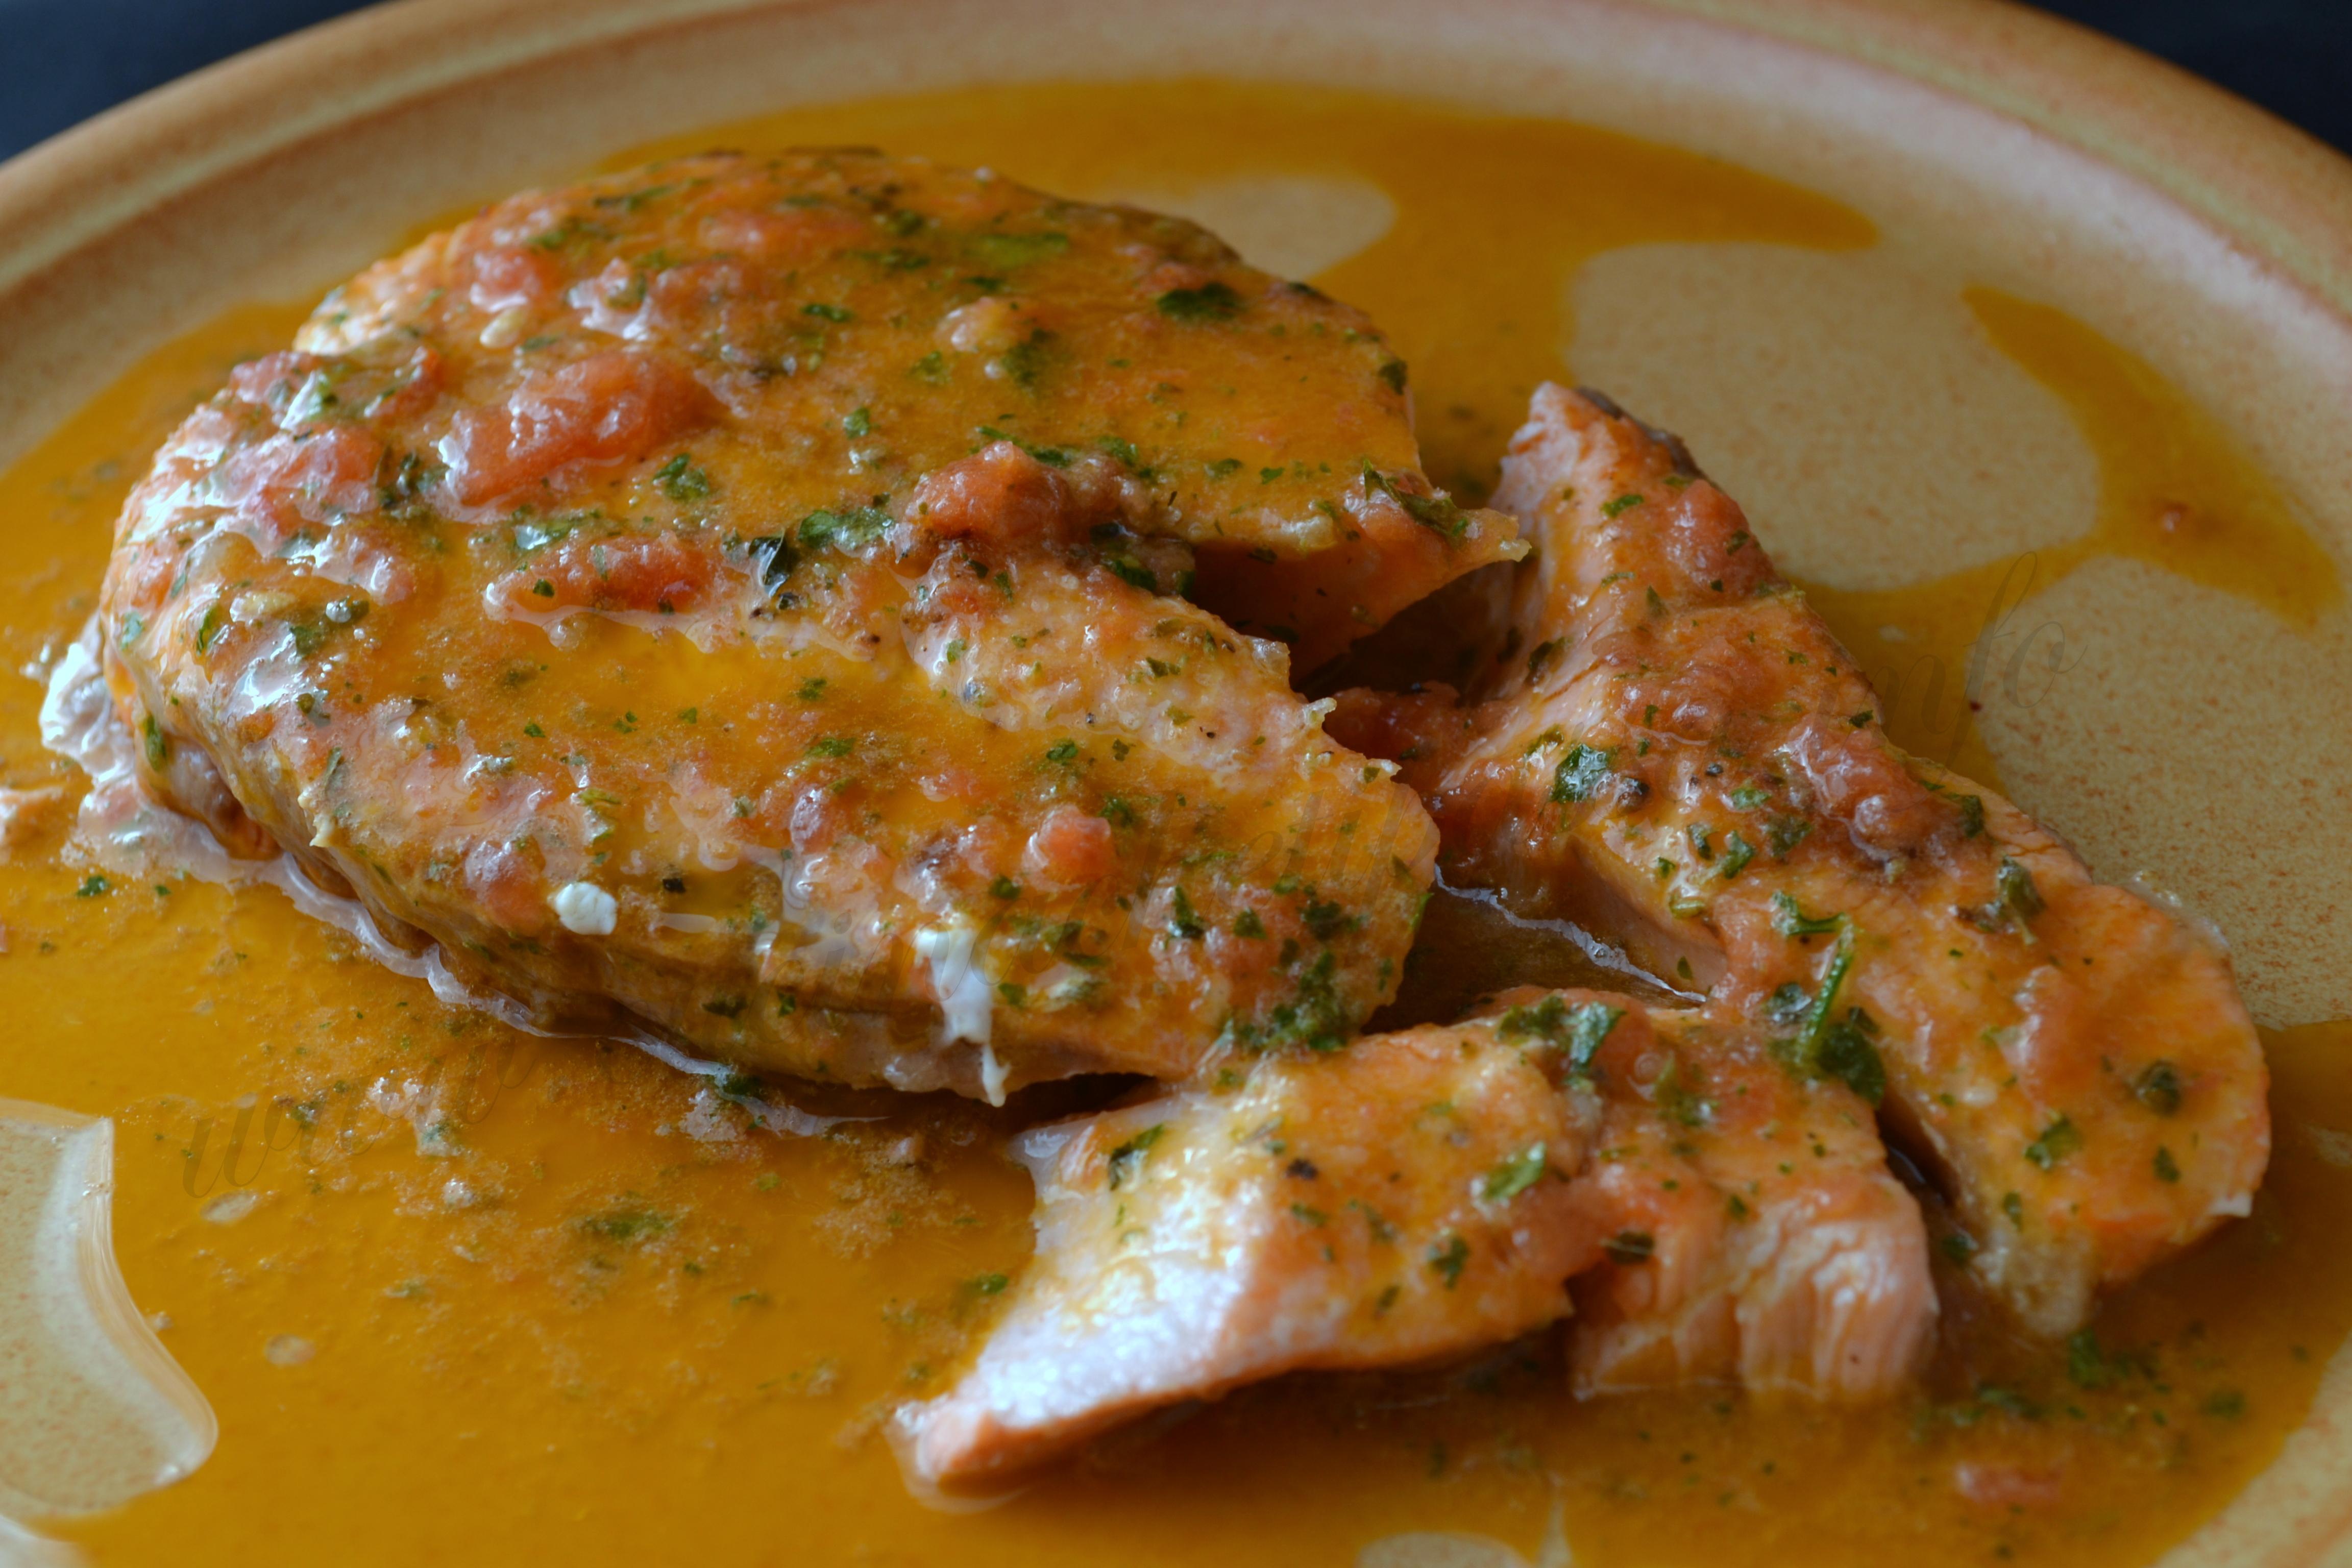 Salmone al salmoriglio cucina che ti passa for Salmone ricette